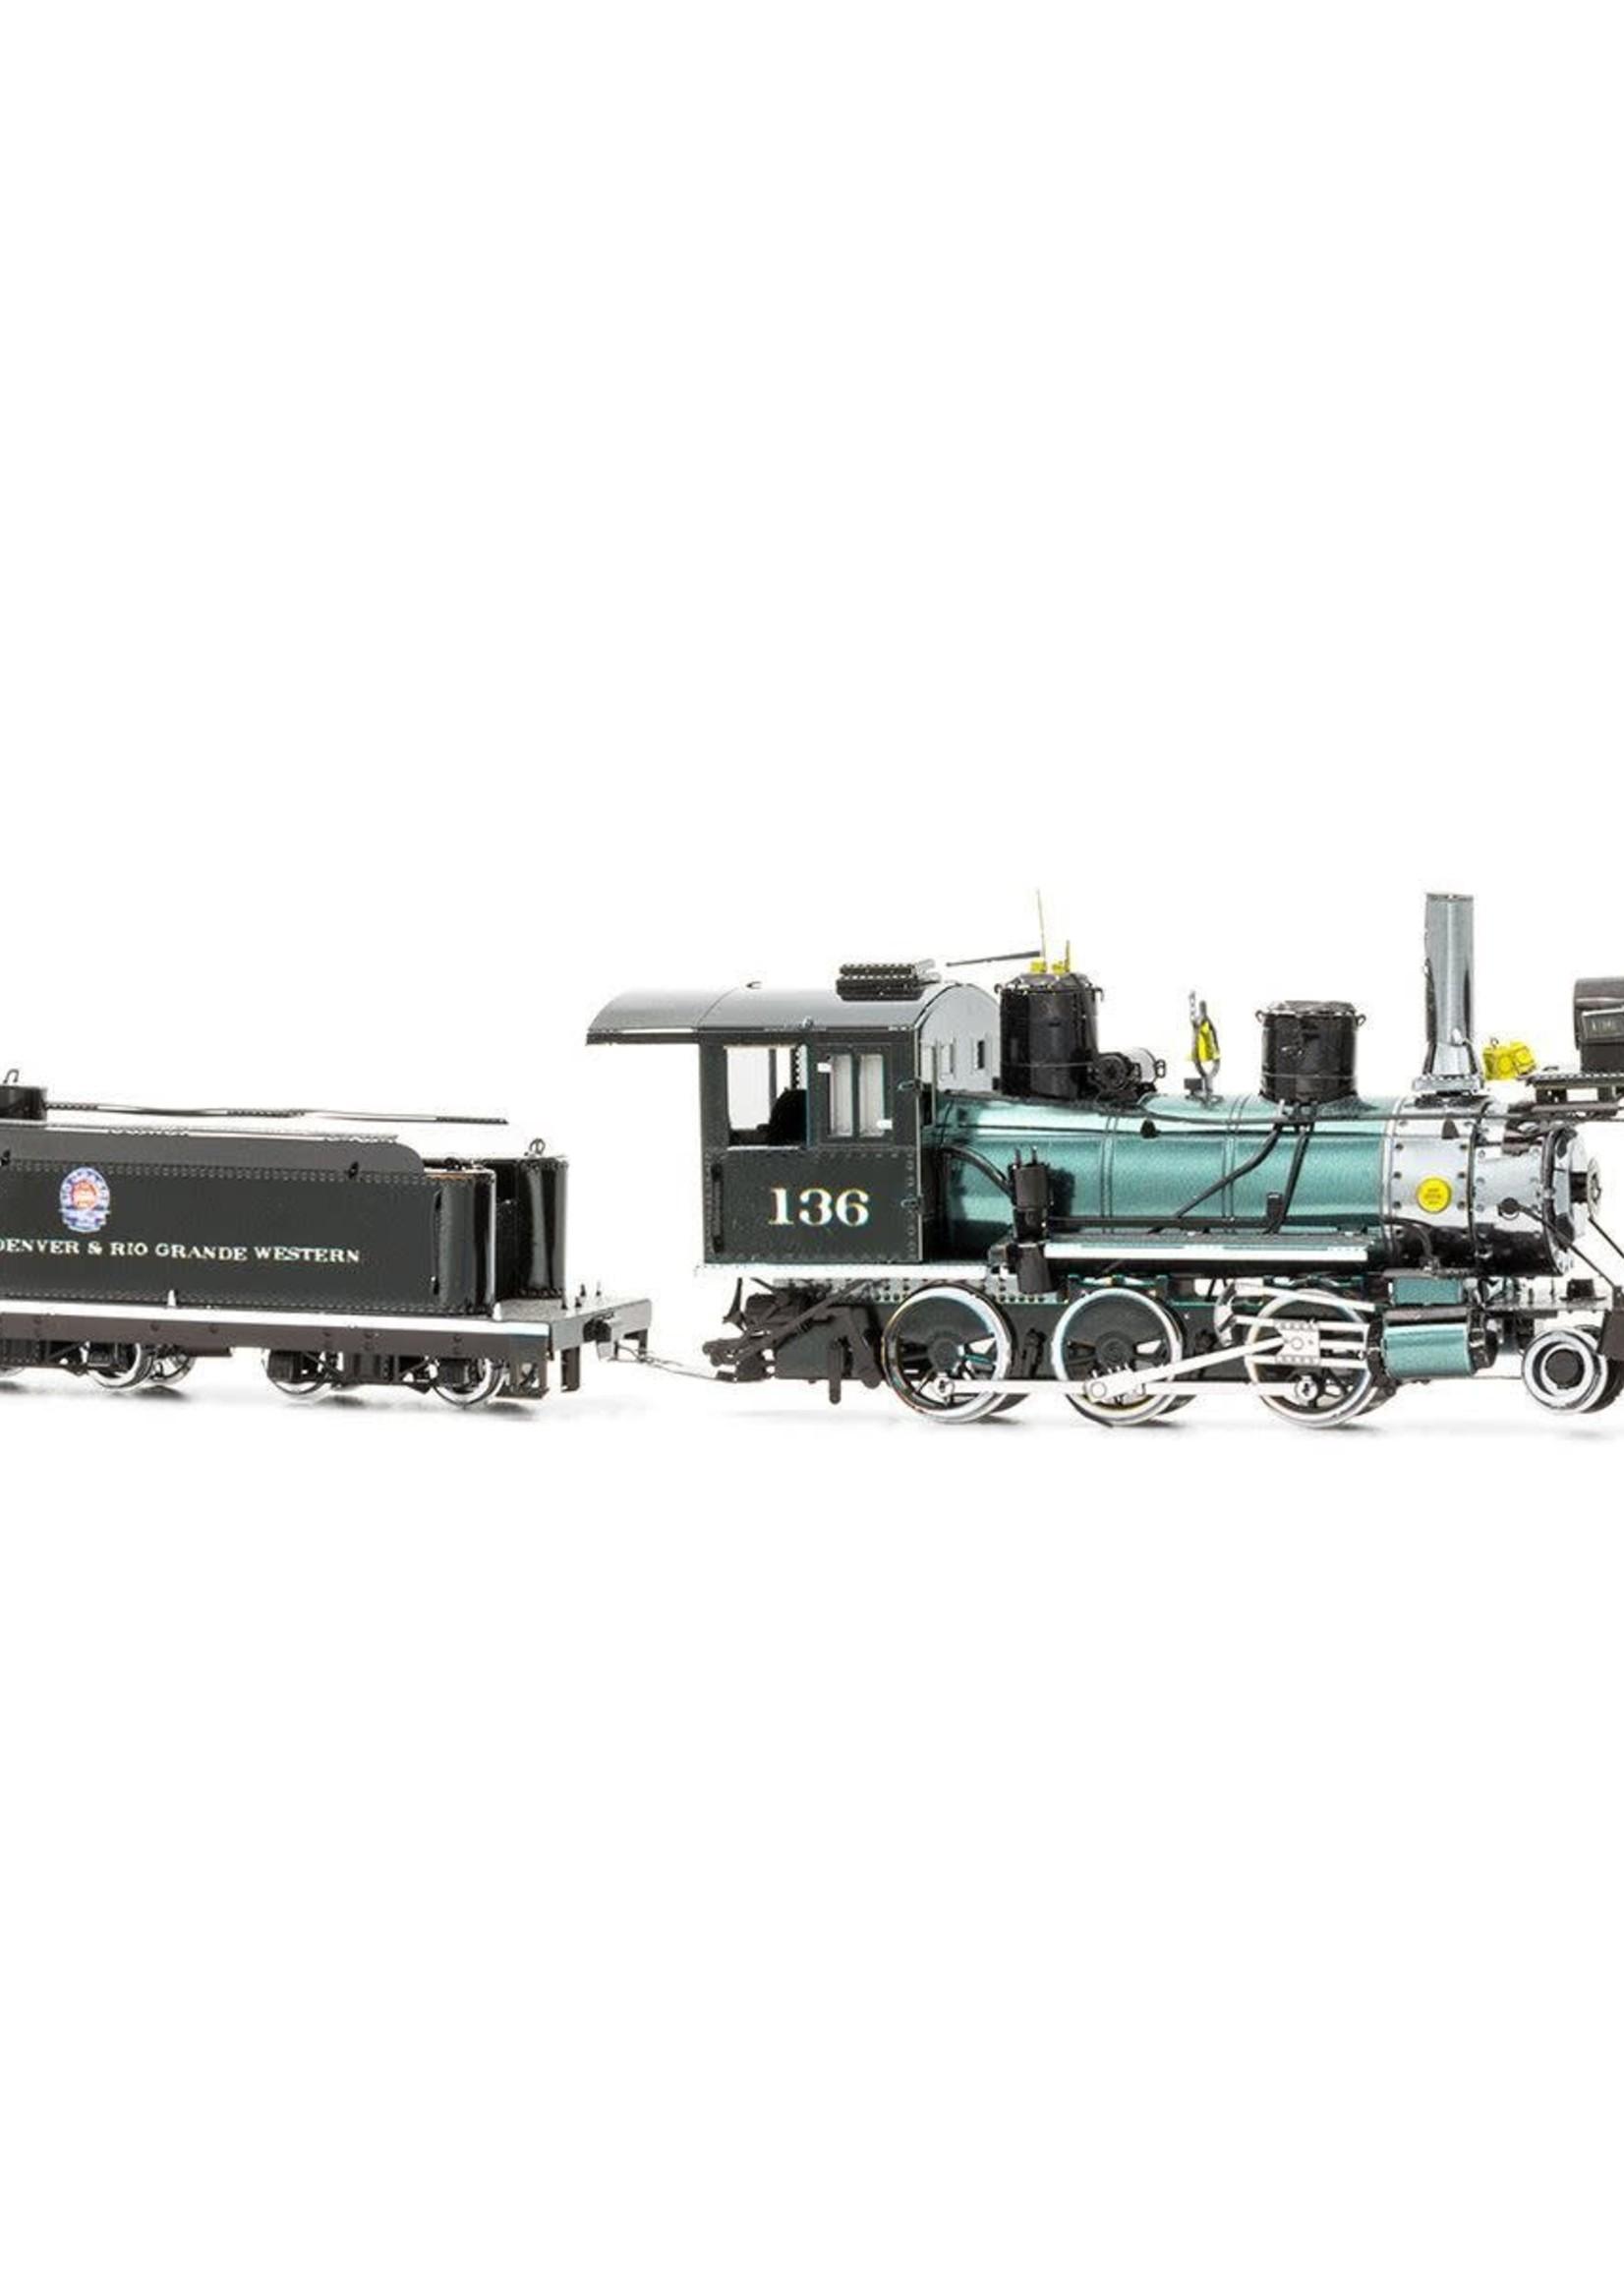 METAL EARTH Wild West 2-6-0 Locomotive - COLOR